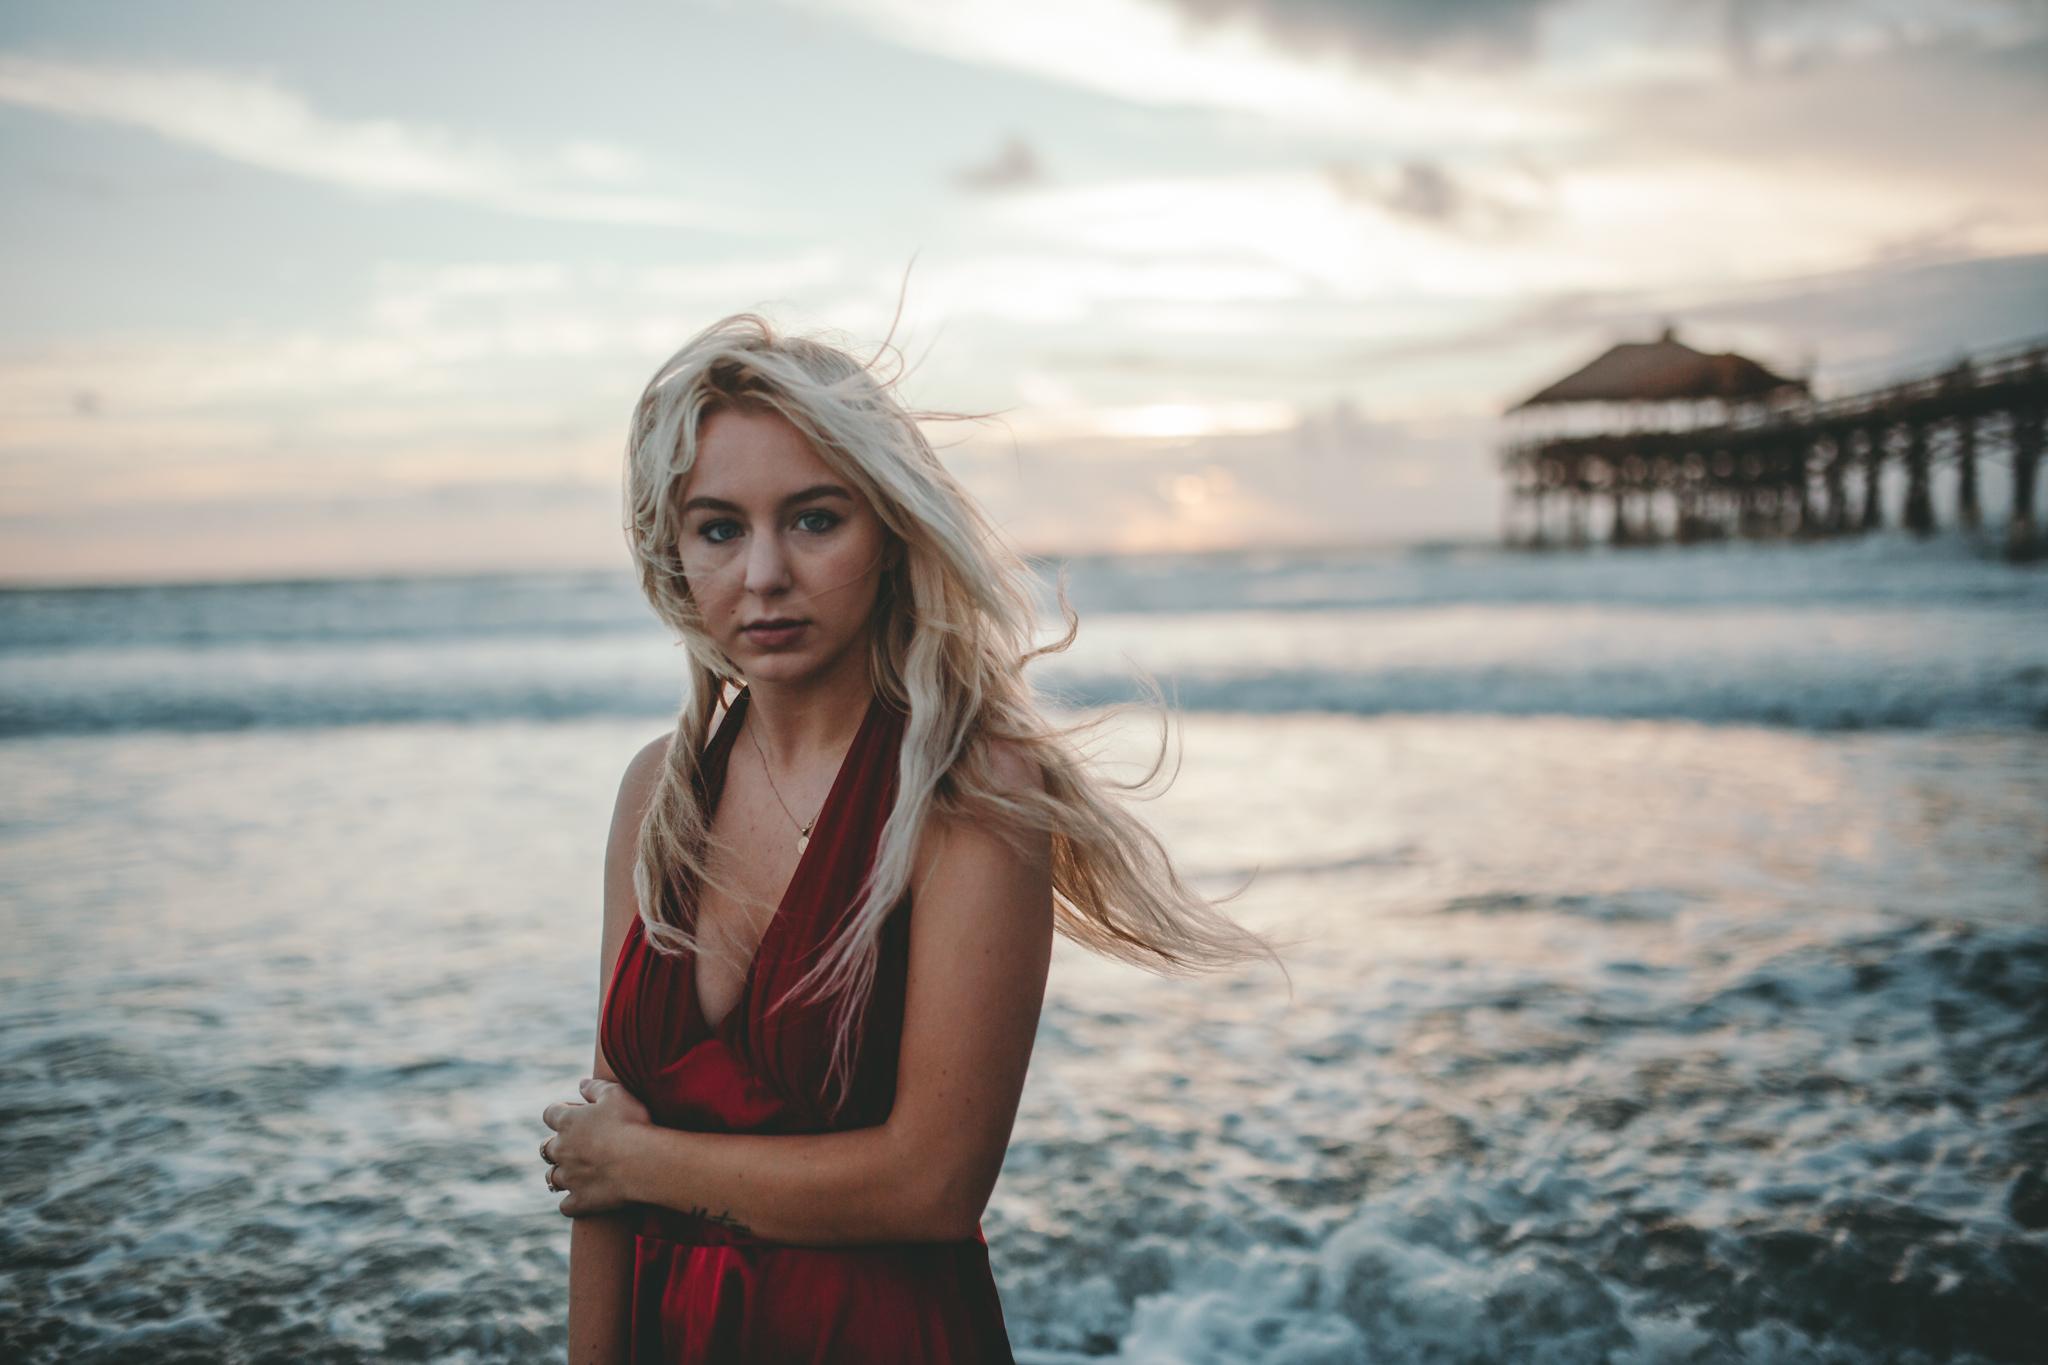 Portrait-Photographer-Kal Visuals-LA-Los Angeles